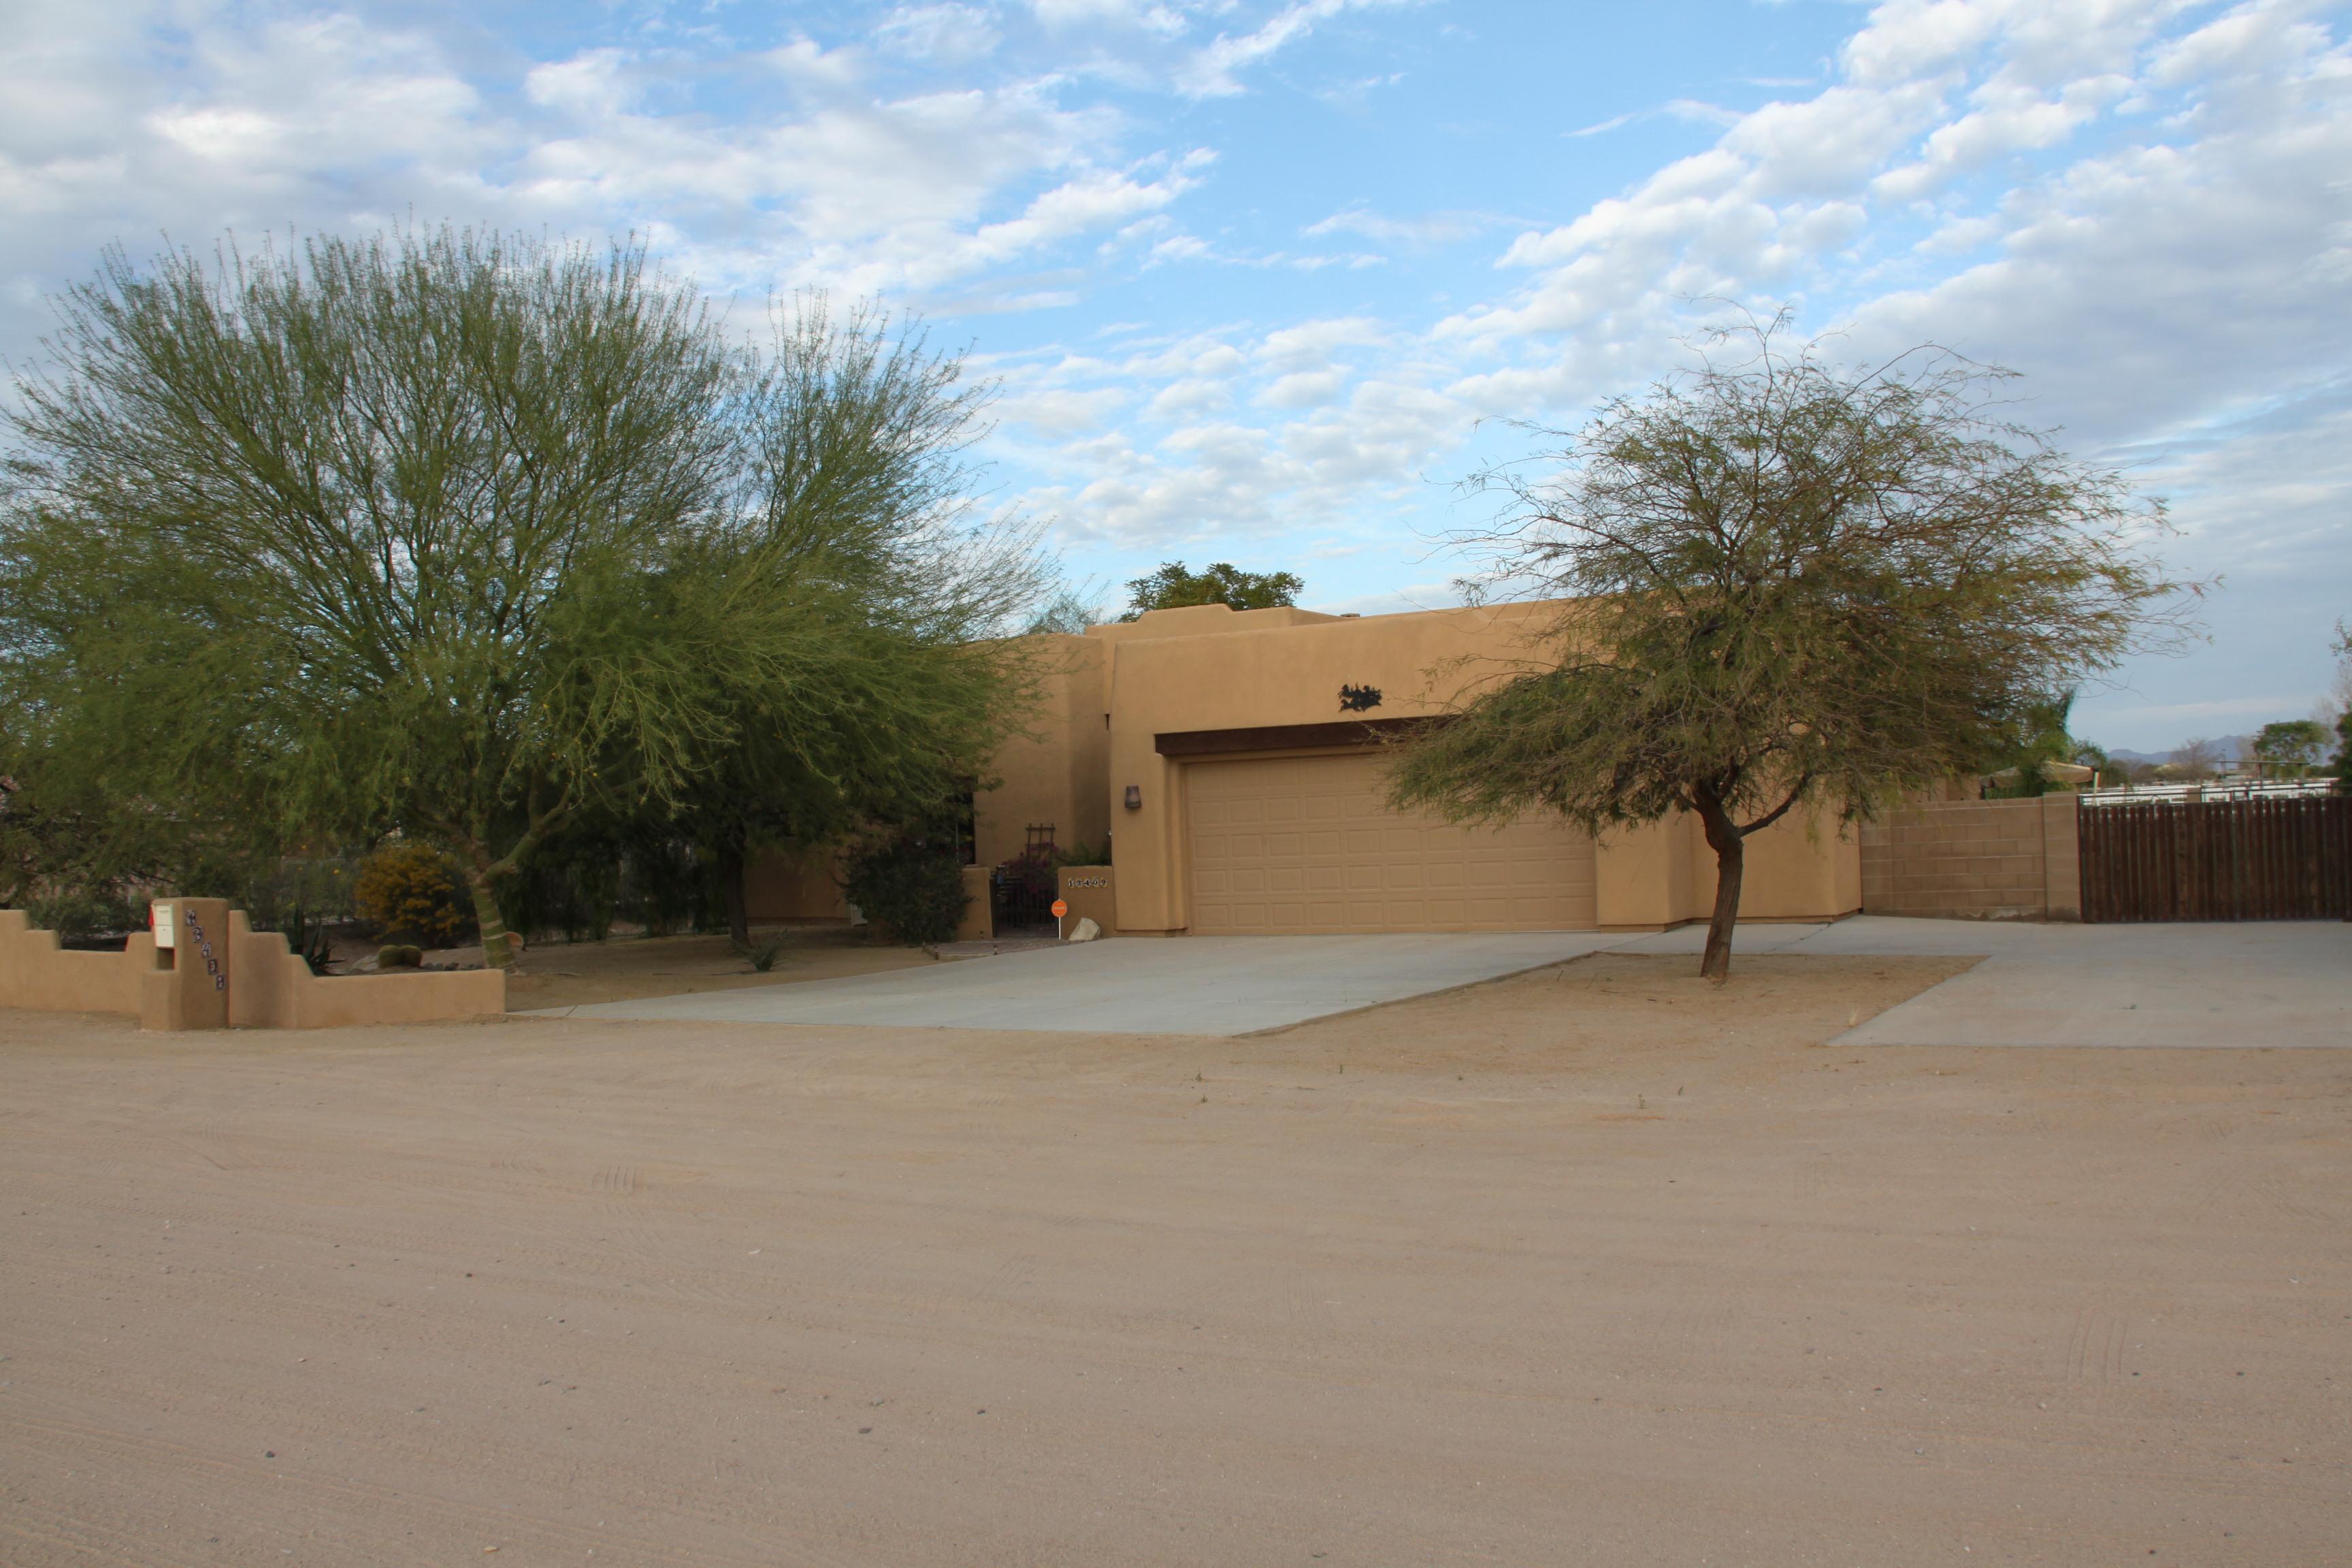 13409 S AVE 4 1/4 E, Yuma, Arizona 85365